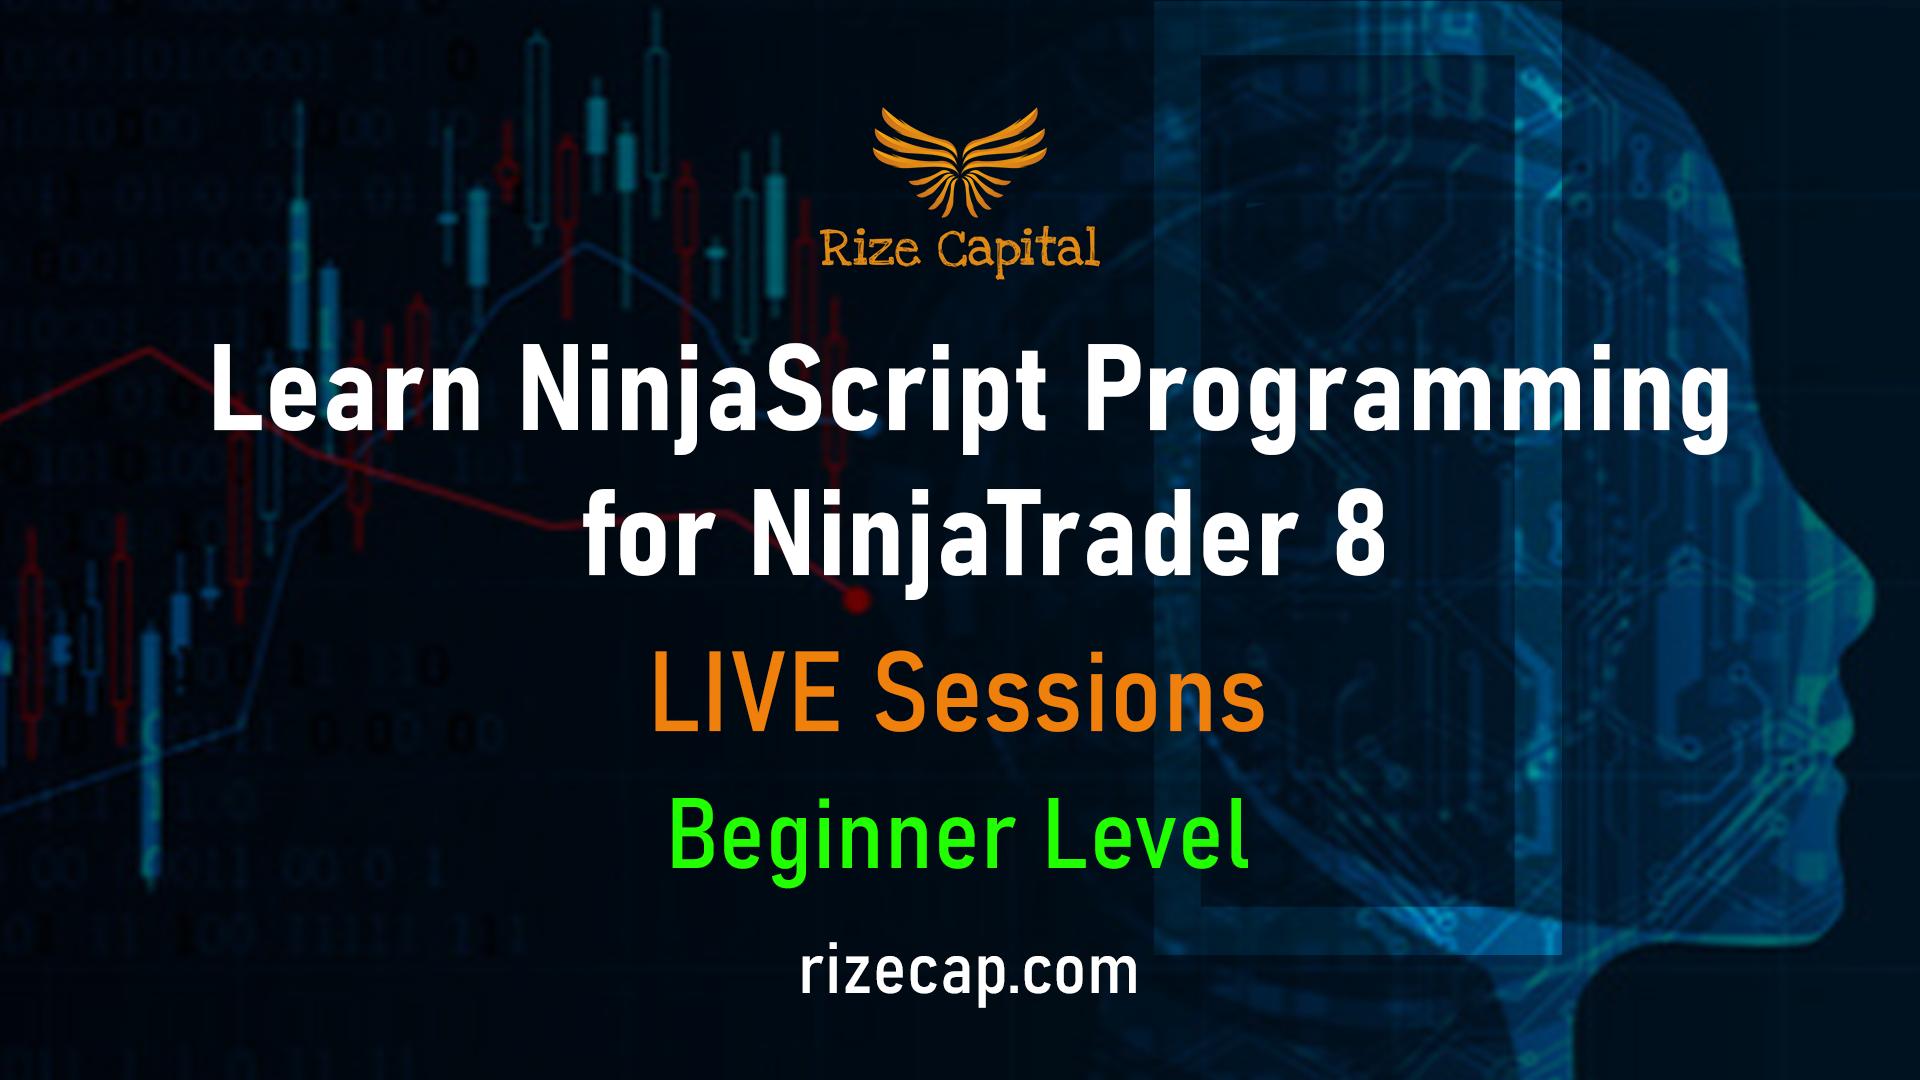 NinjaScript Training Beginner Level